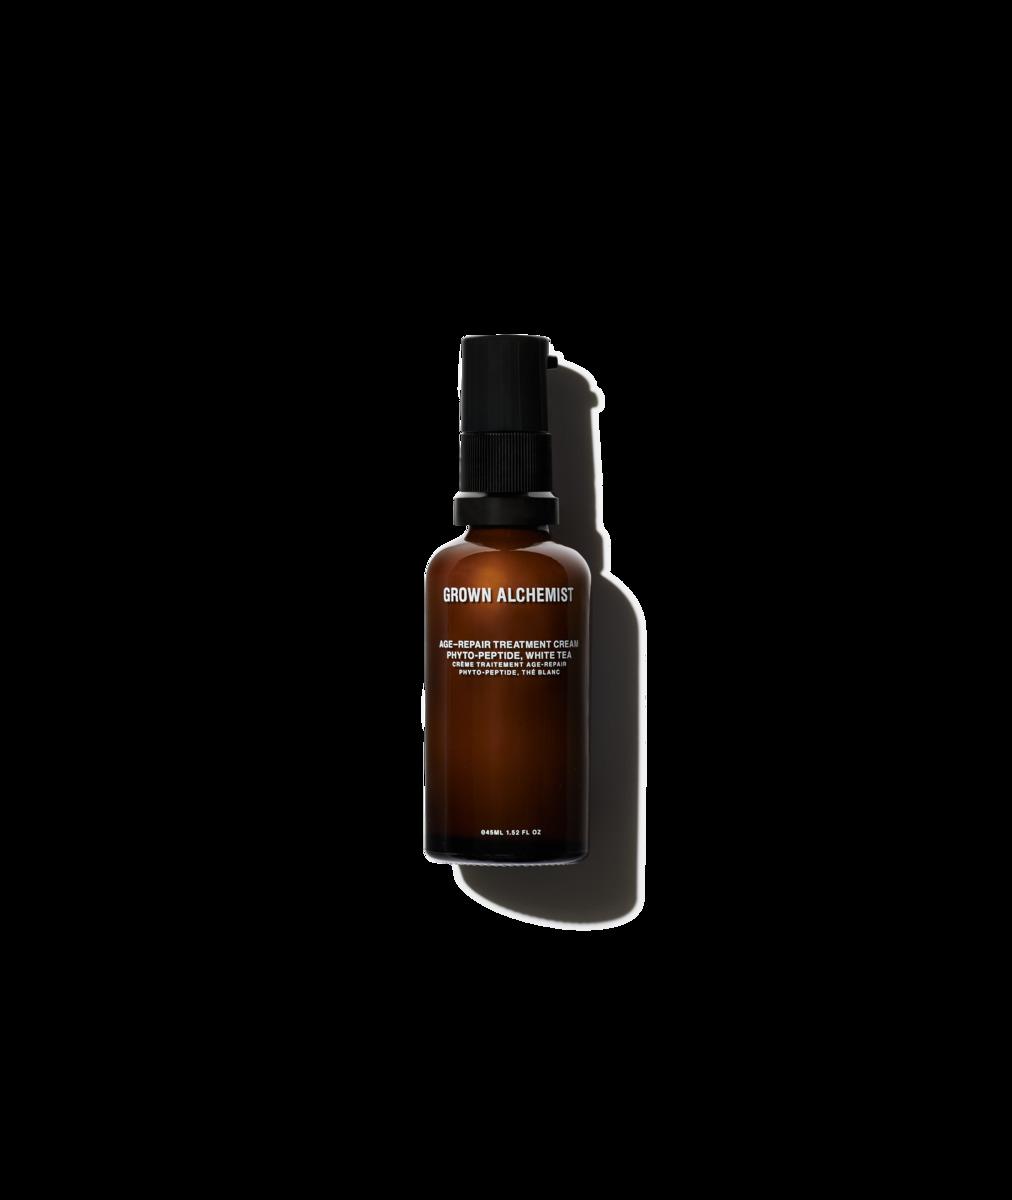 肌を美しく健康的に保ち潤いを与えるエイジリペアトリートメントクリーム Grown Alchemist グロウンアルケミスト 売れ筋ランキング エイジリペアトリートメントクリーム 45ml 即日出荷 Treatment Age-Repair Cream